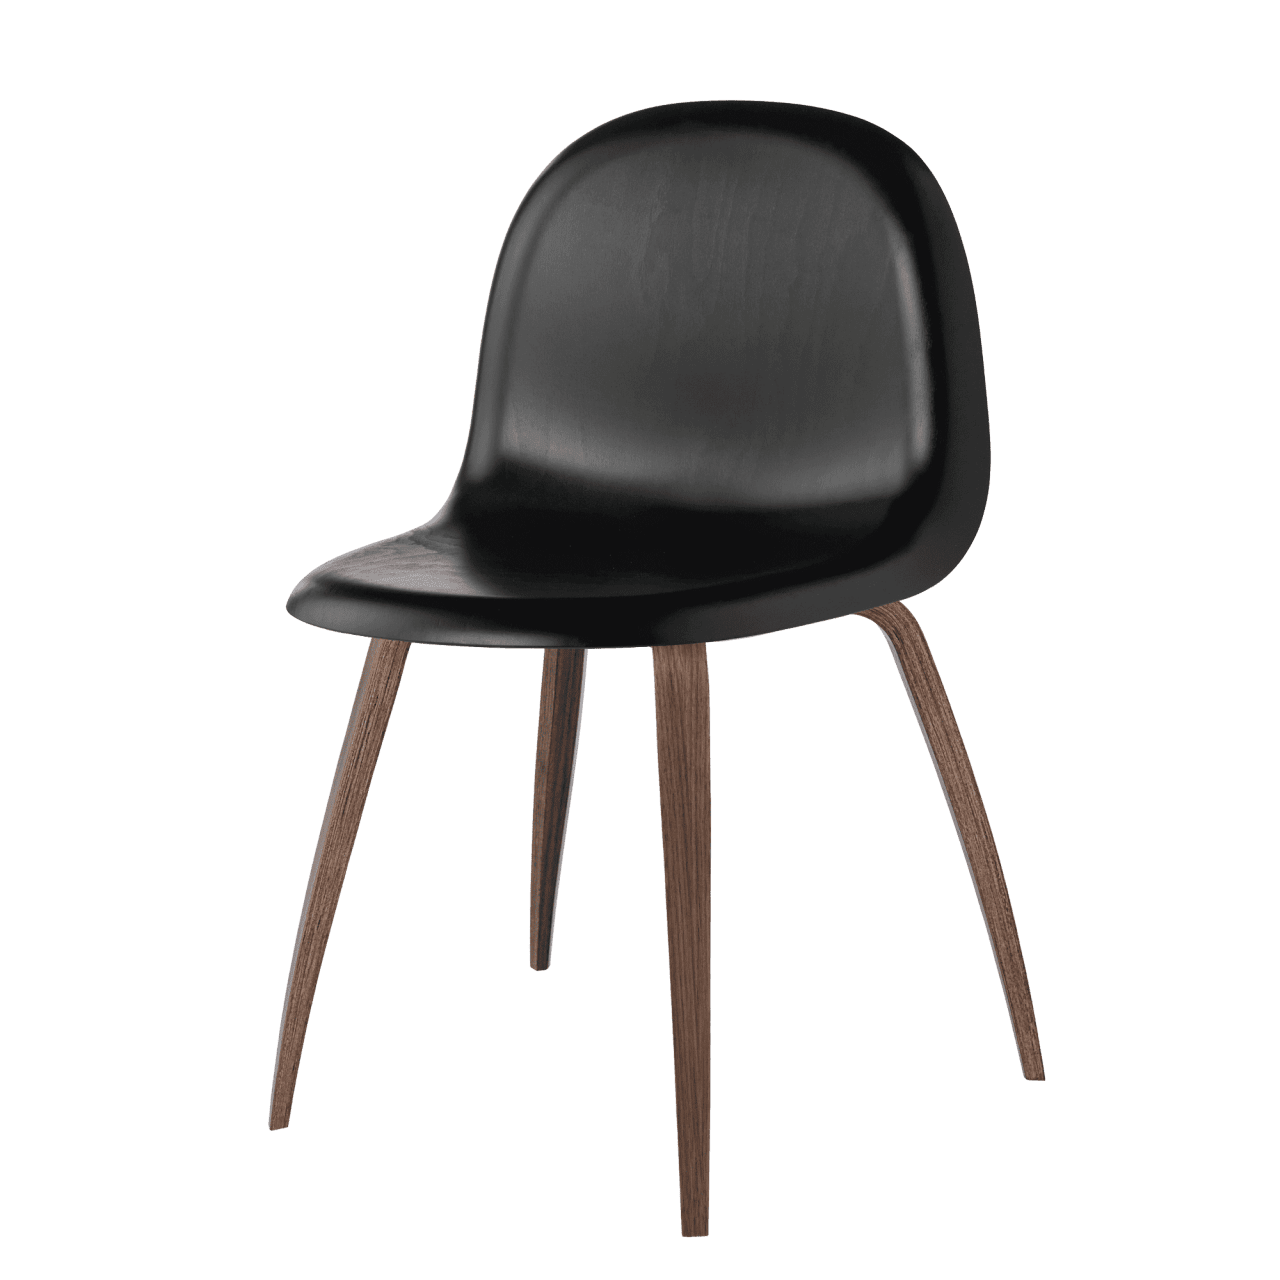 3D Dining Chair Vierbeinholzgestell